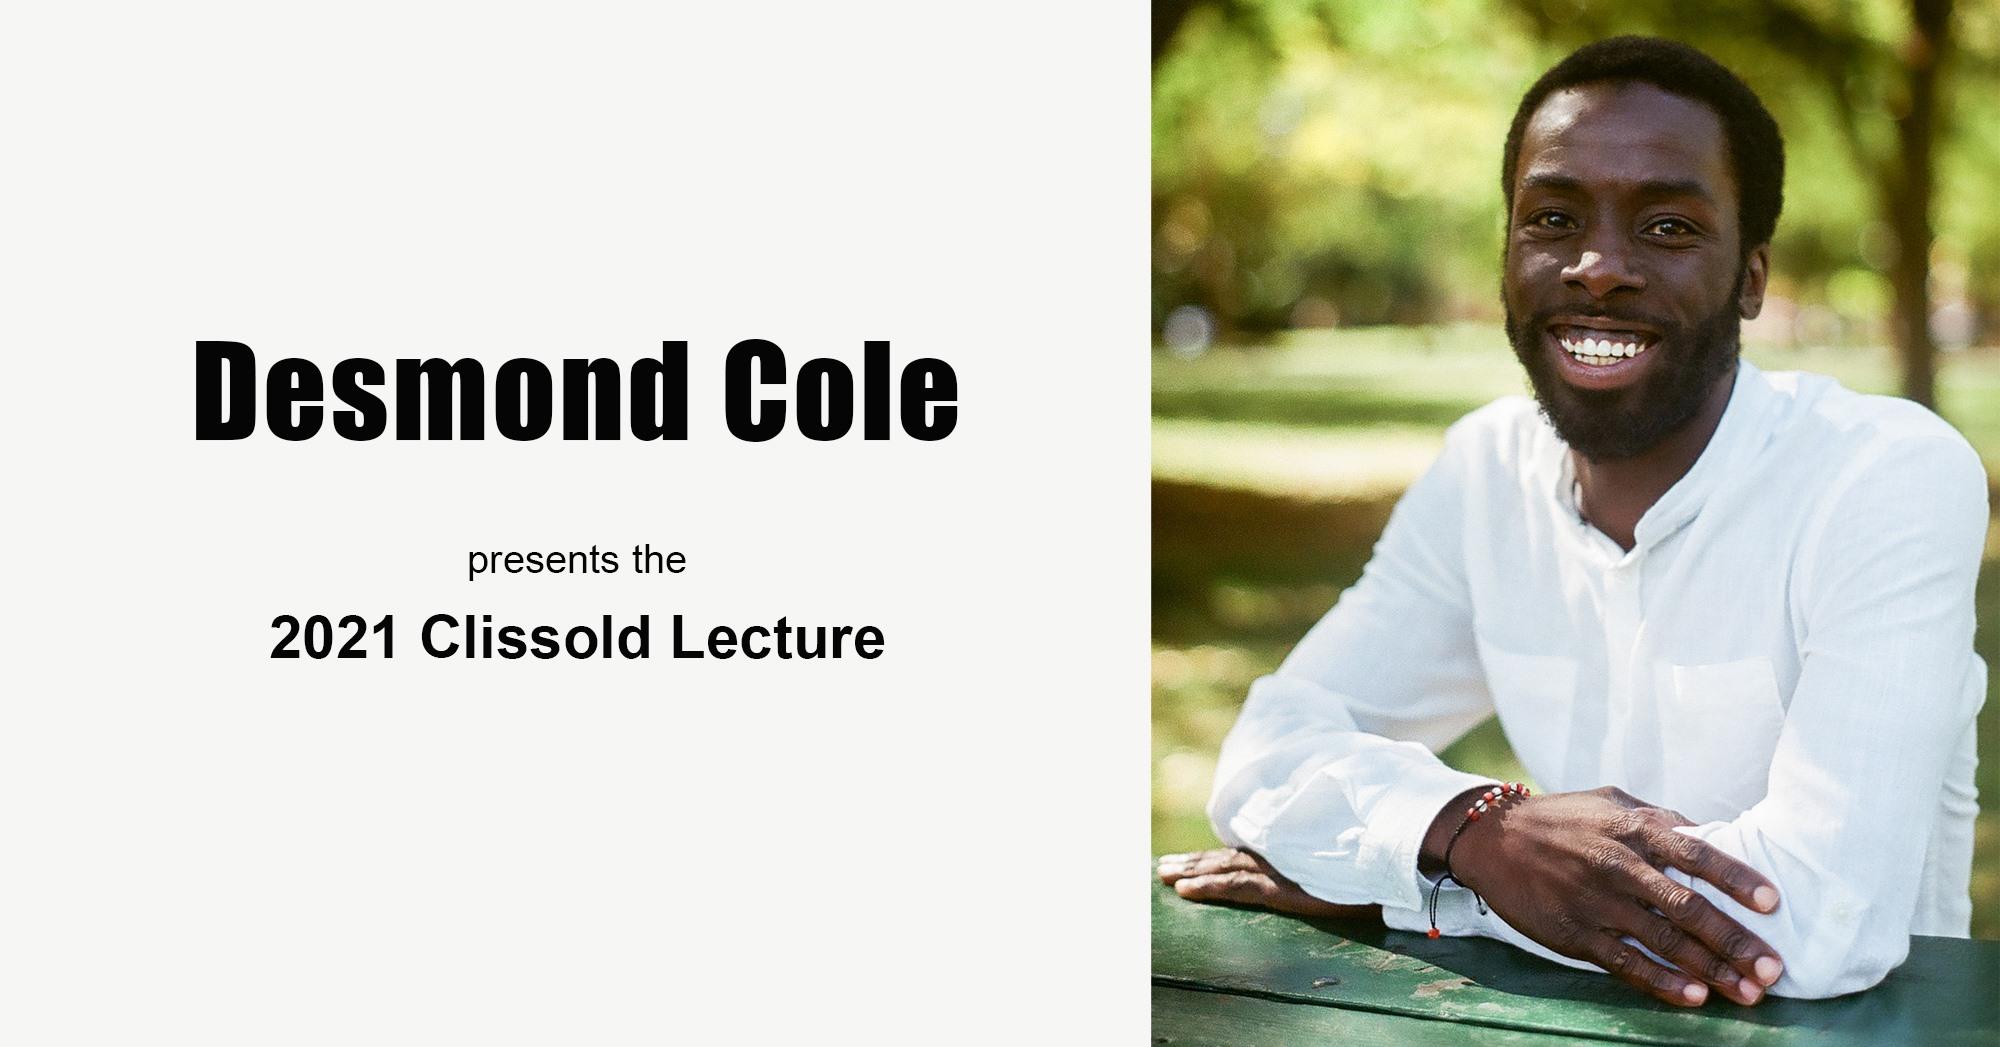 Desmond Cole, Clissold Lecture